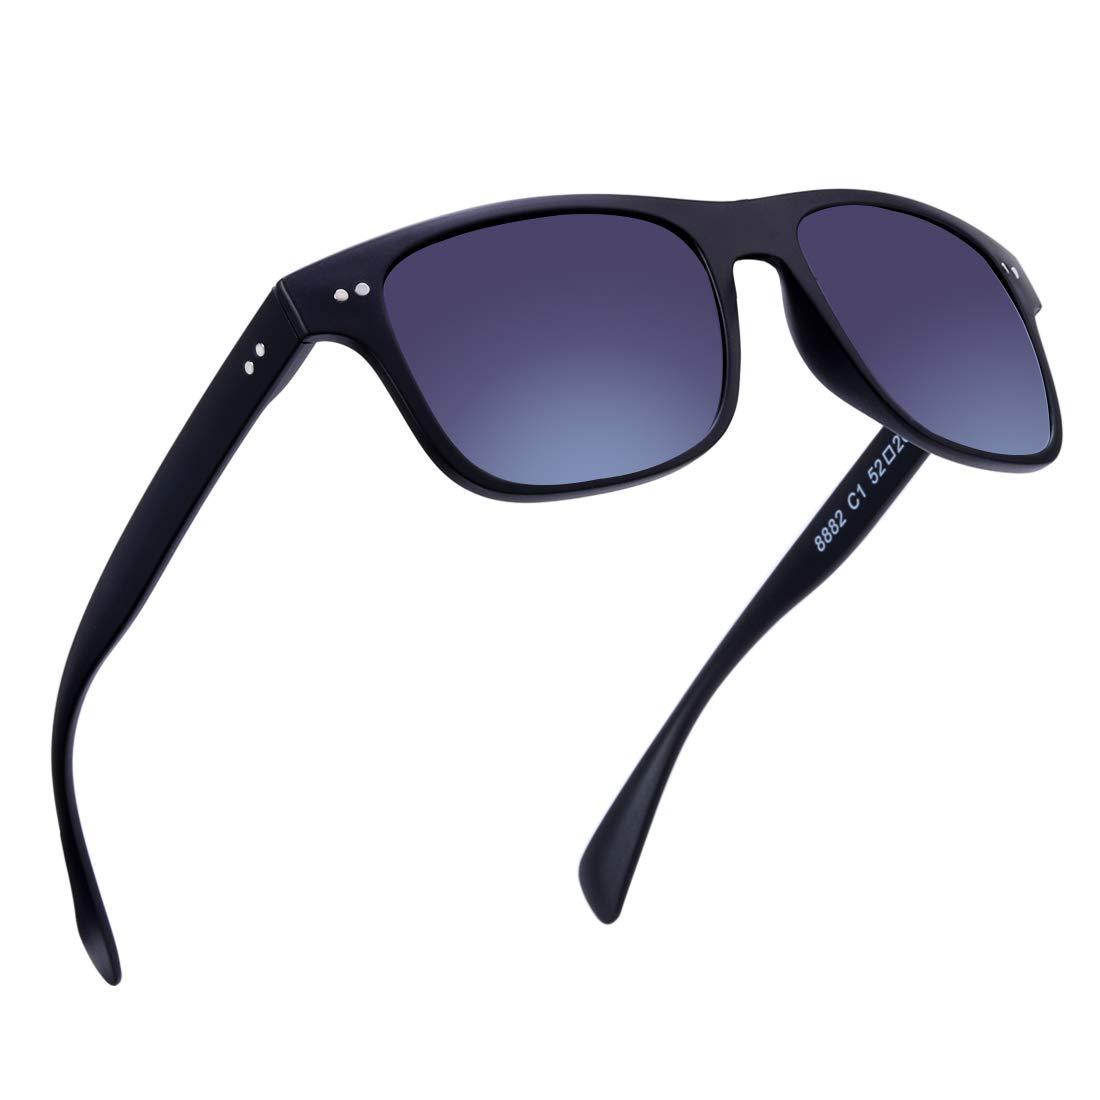 Black  Gradient Black Lenses BRUWEN Night Driving Glasses Wayfarer Sunglasses for Men Women Polarized Uv Predection Hd Lens,UltraLight Fashion Square